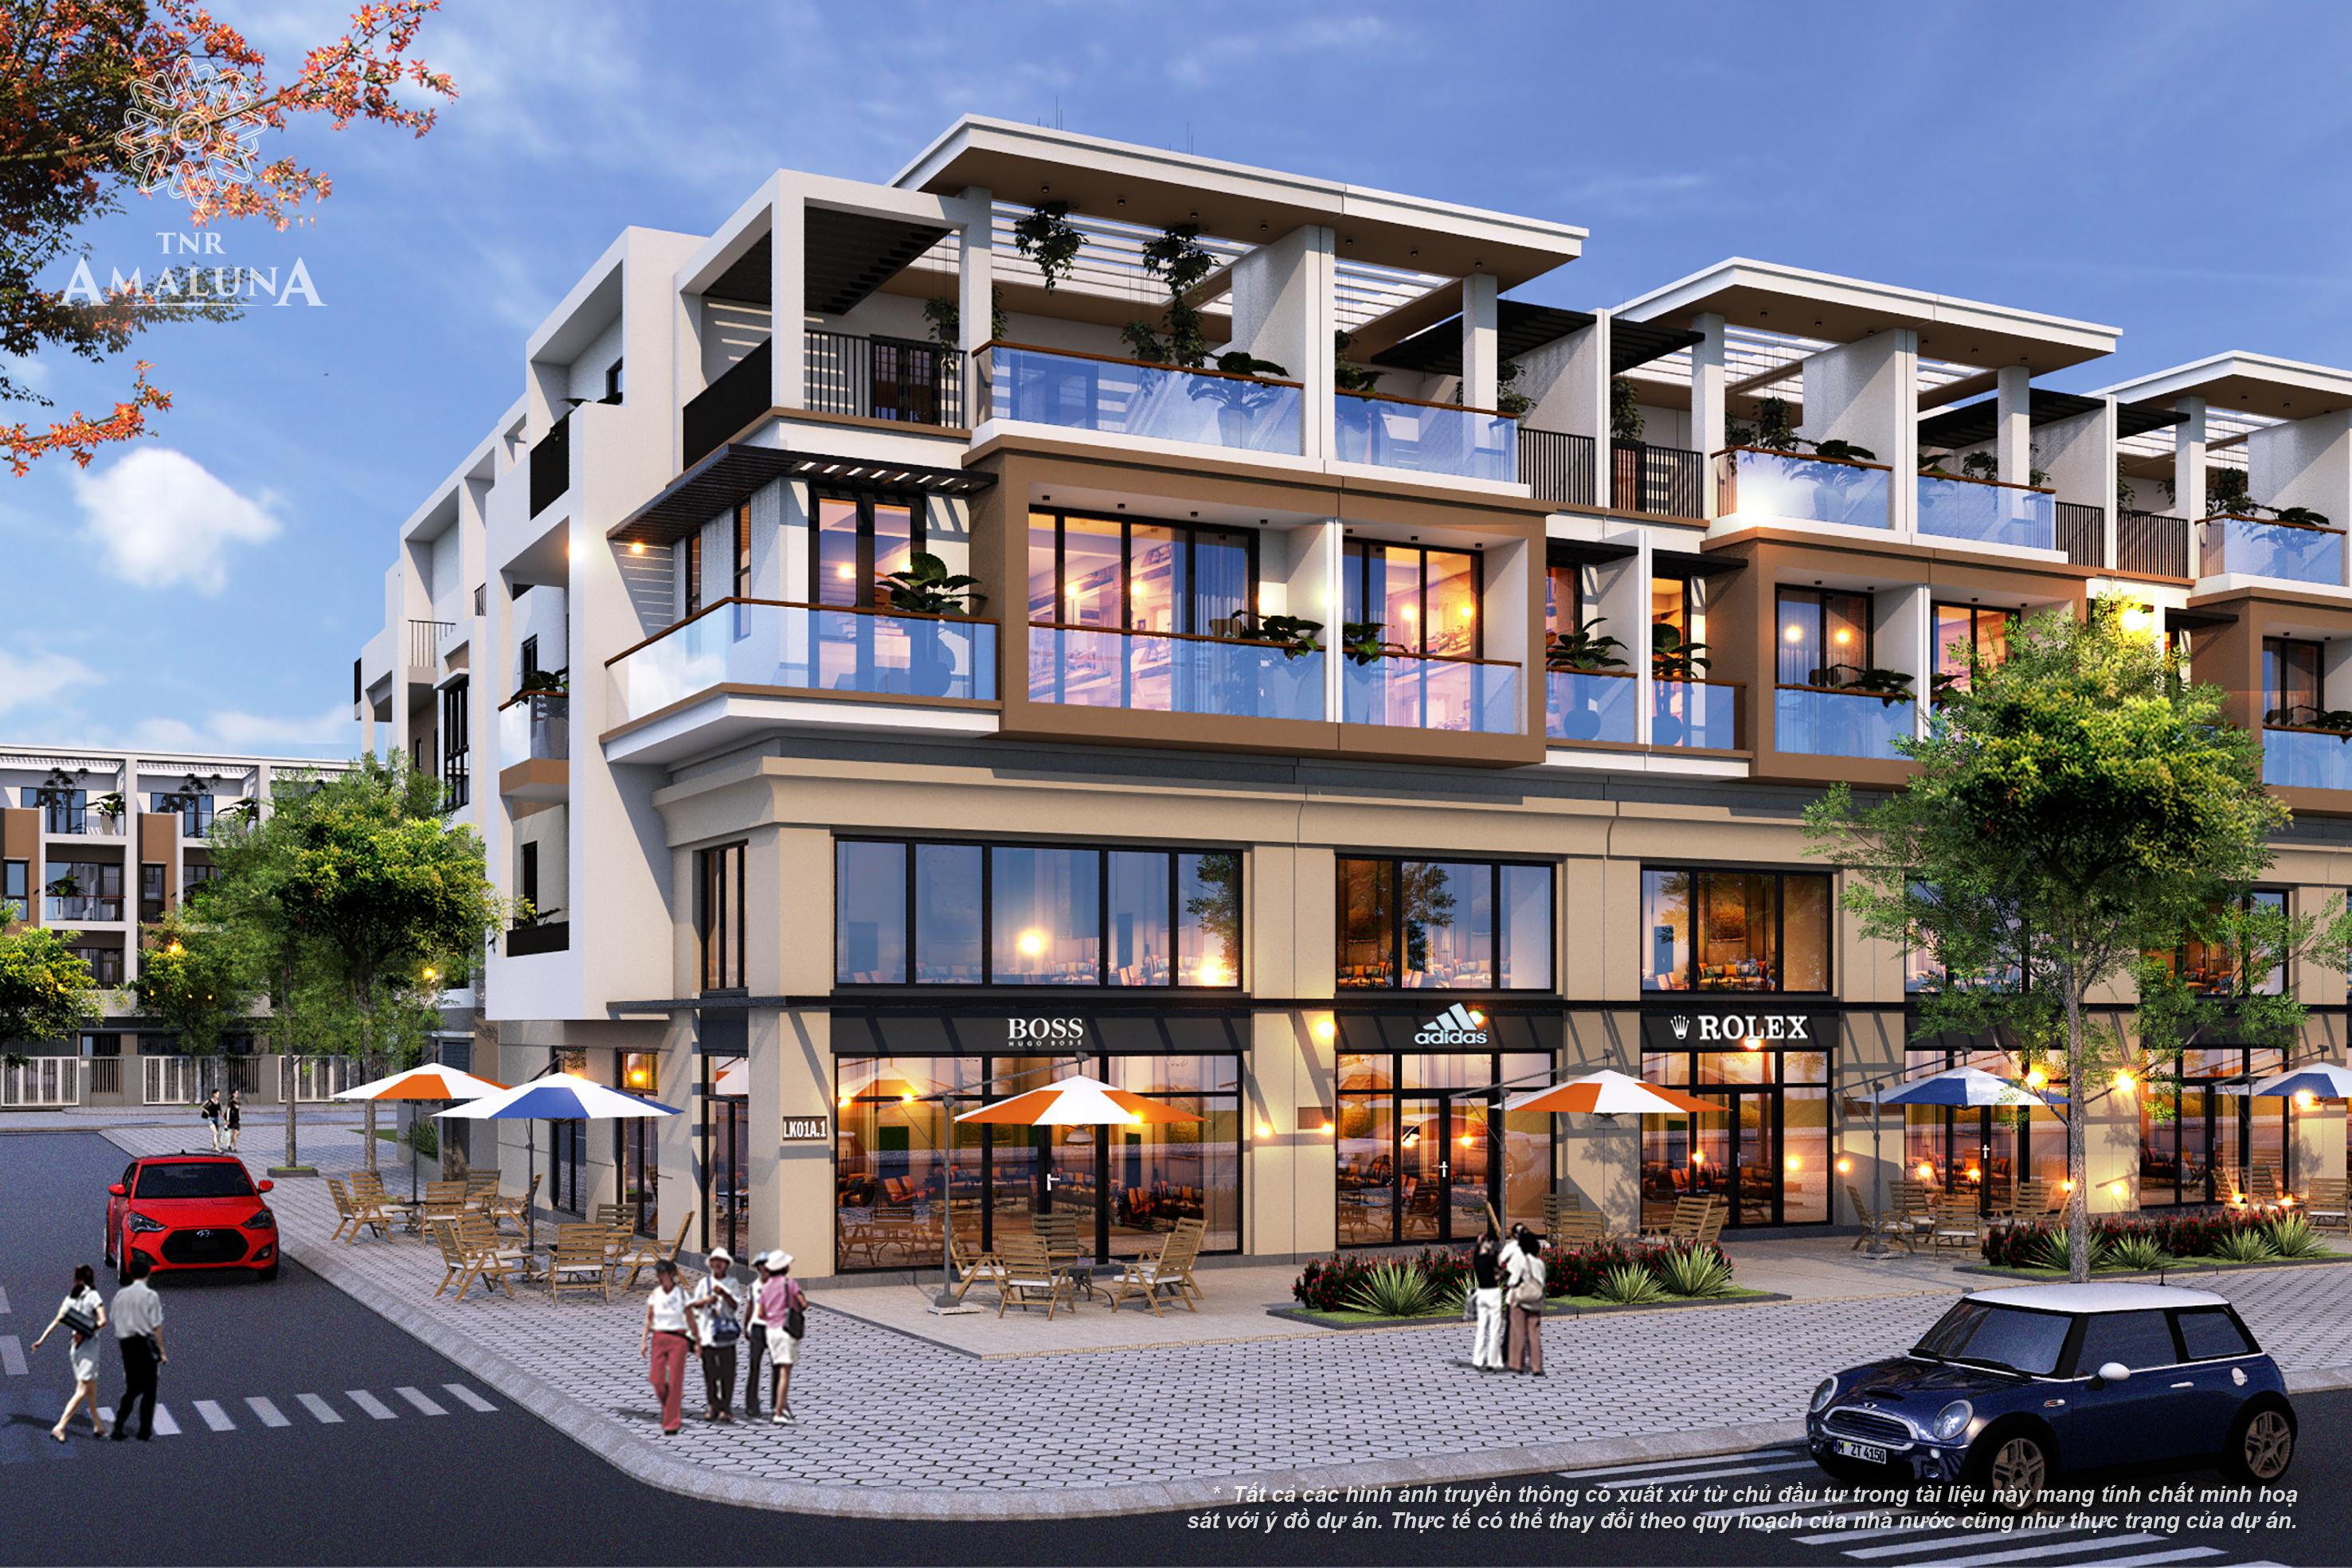 Những ưu thế của nhà phố thương mại tại Trà Vinh - Dự án nhà phố, biệt thự,  đất nền, căn hộ...